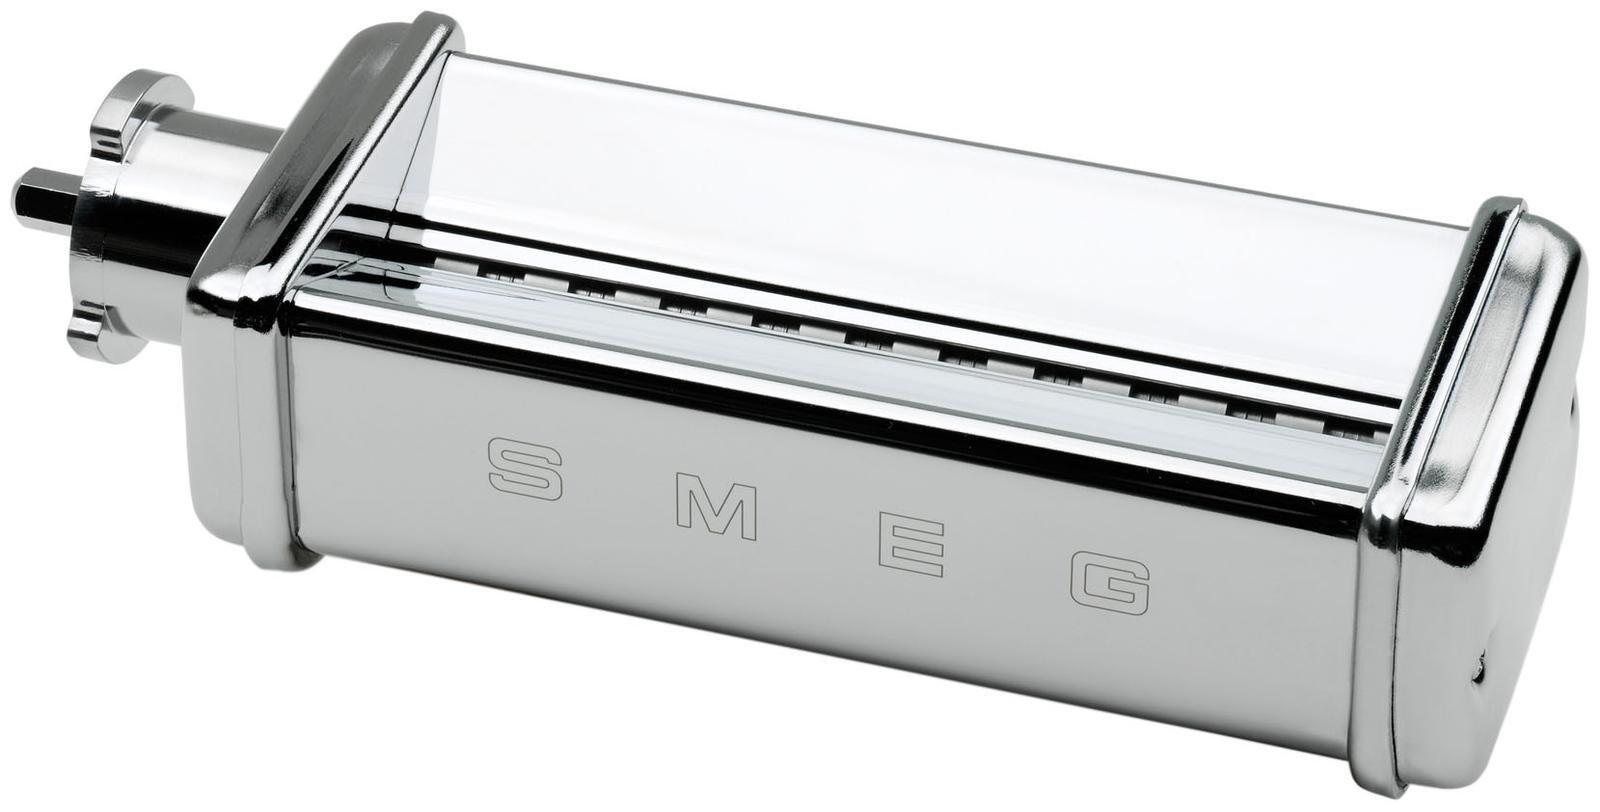 Smeg SMTC01 Tagliolini Accessory, Silver